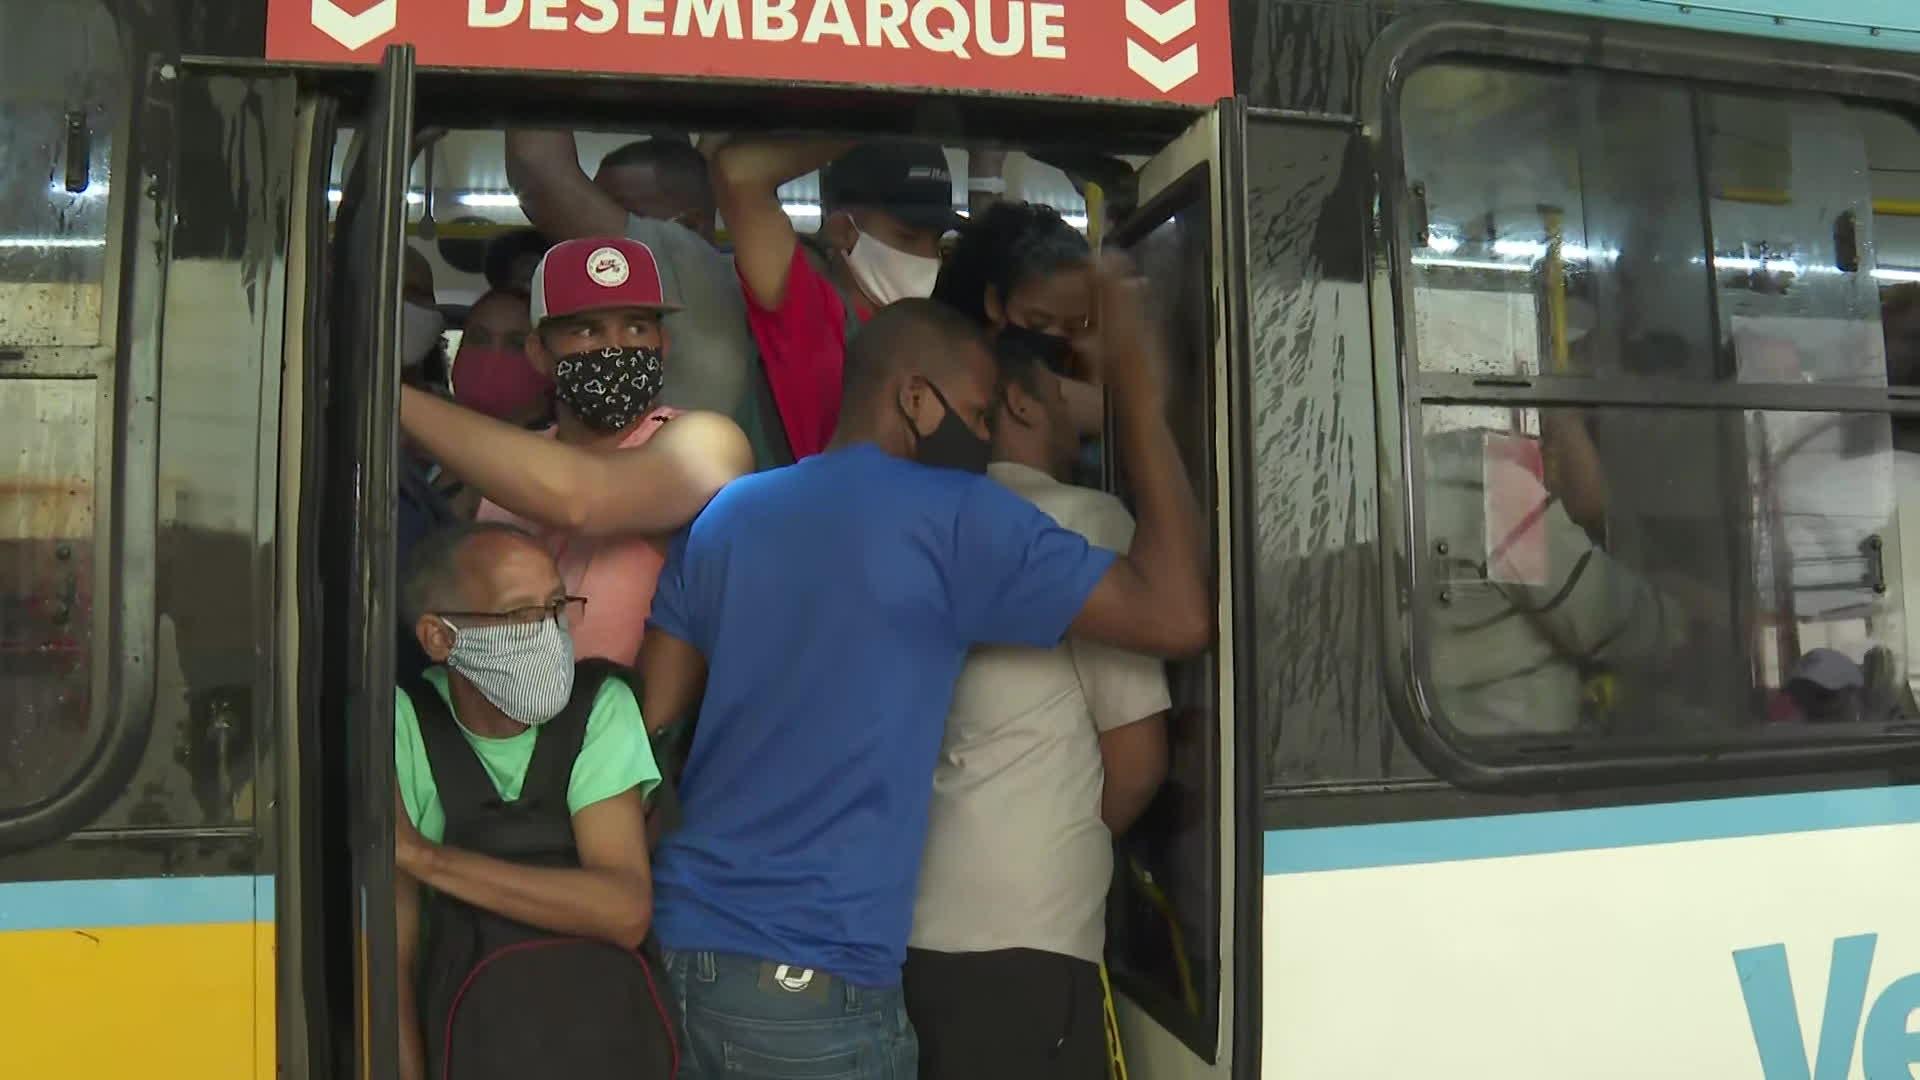 Ideal seria uma pessoa em cada banco do ônibus para minimizar risco de contaminação, diz infectologista